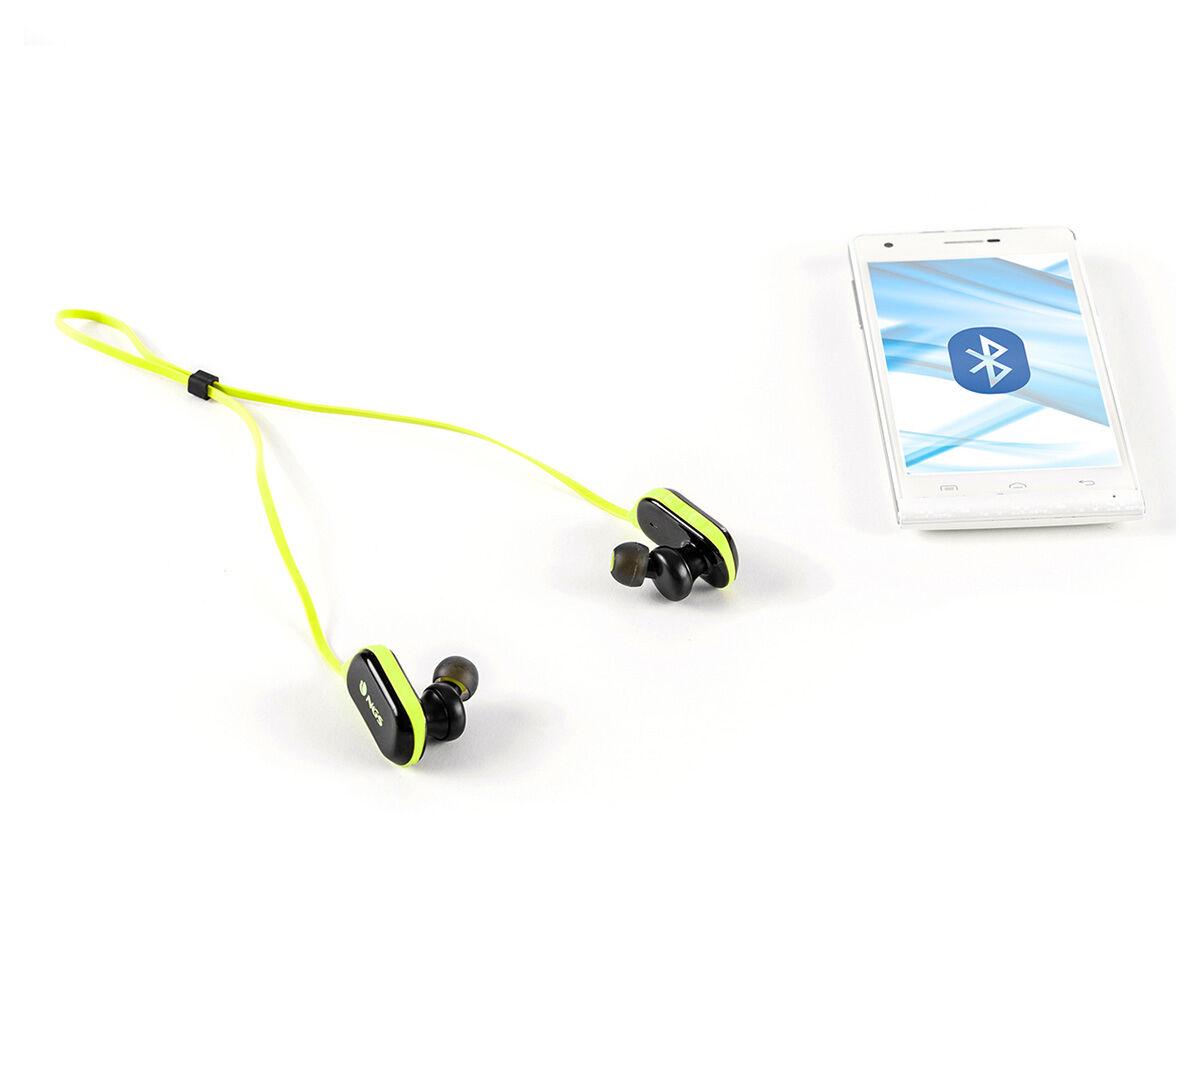 NGS Wireless BT Sport Headphones, Artica Ranger Edition - Yellow